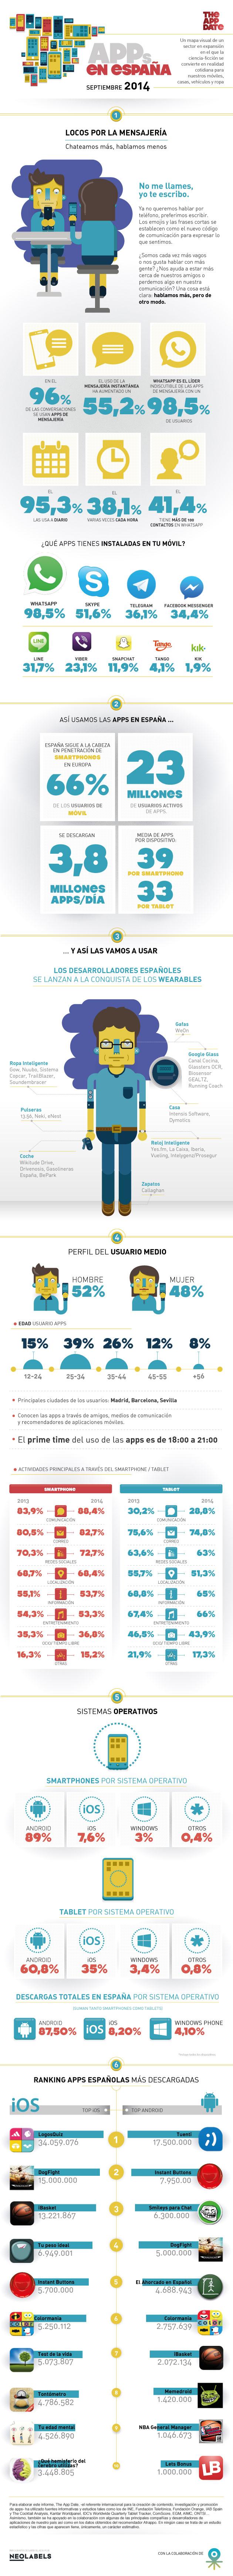 informe-apps-espana-2014-blog-hostalia-hosting